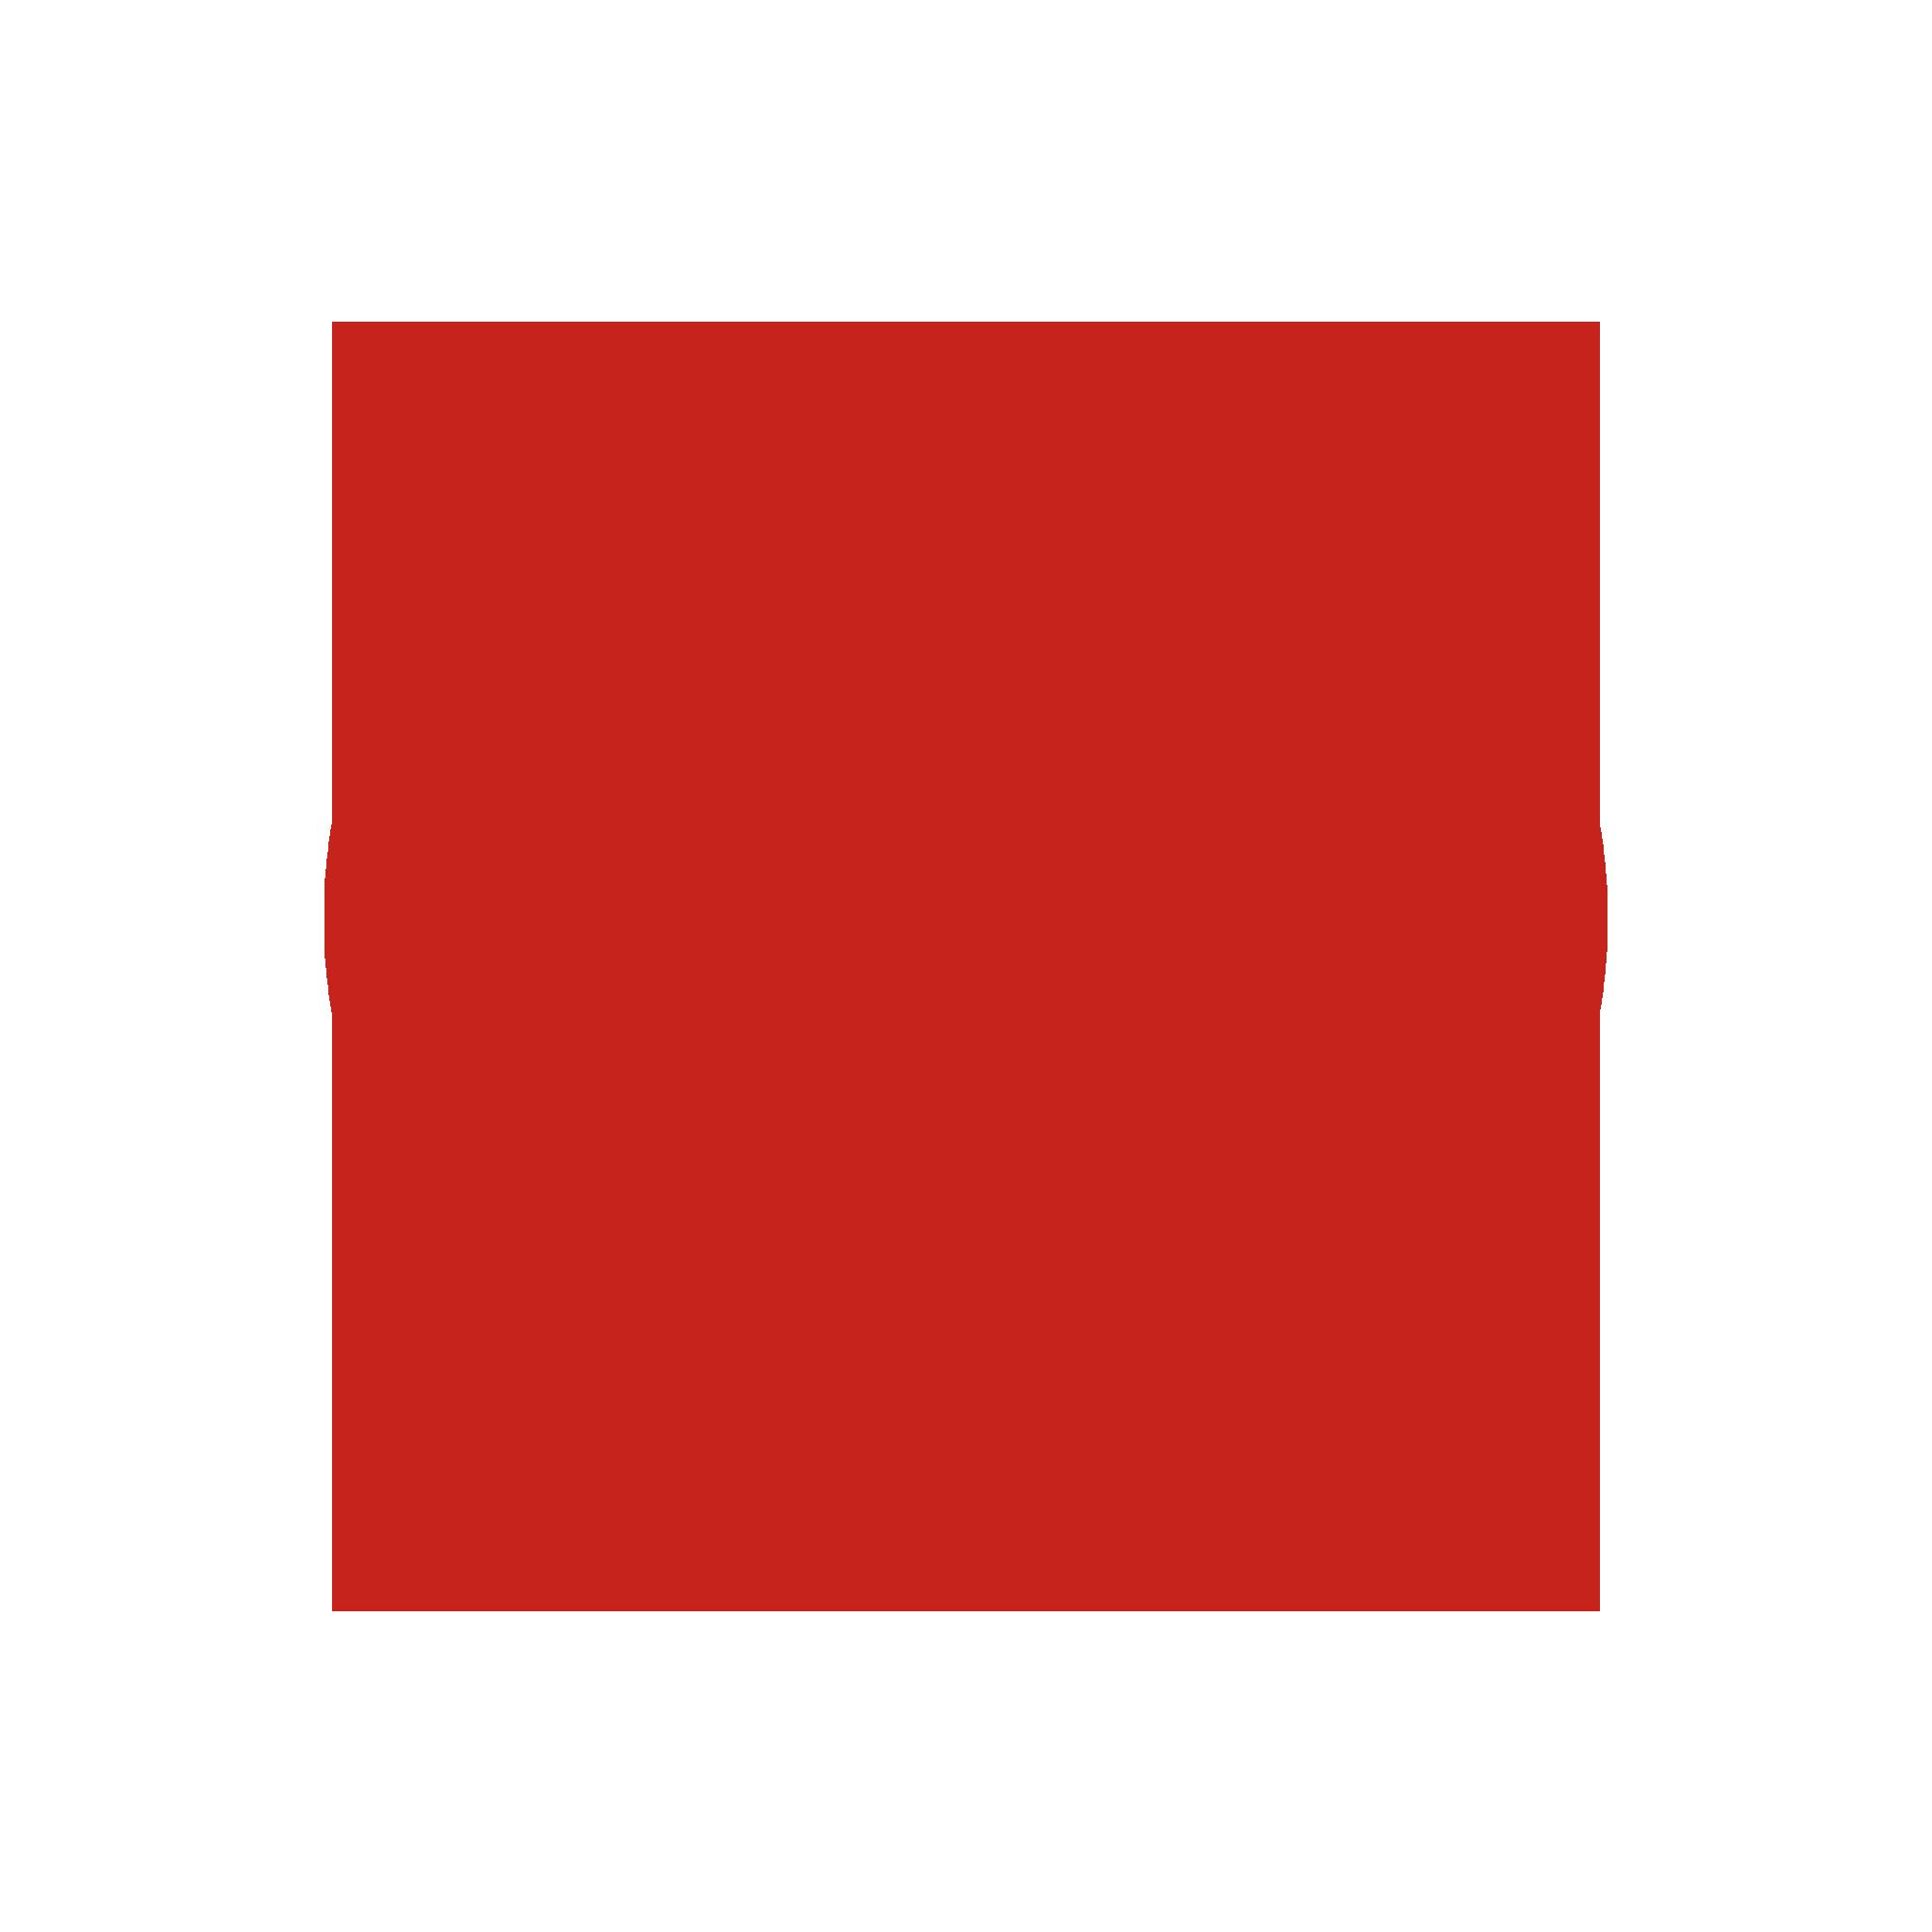 Icon-messenger-by-laurieforgov.com